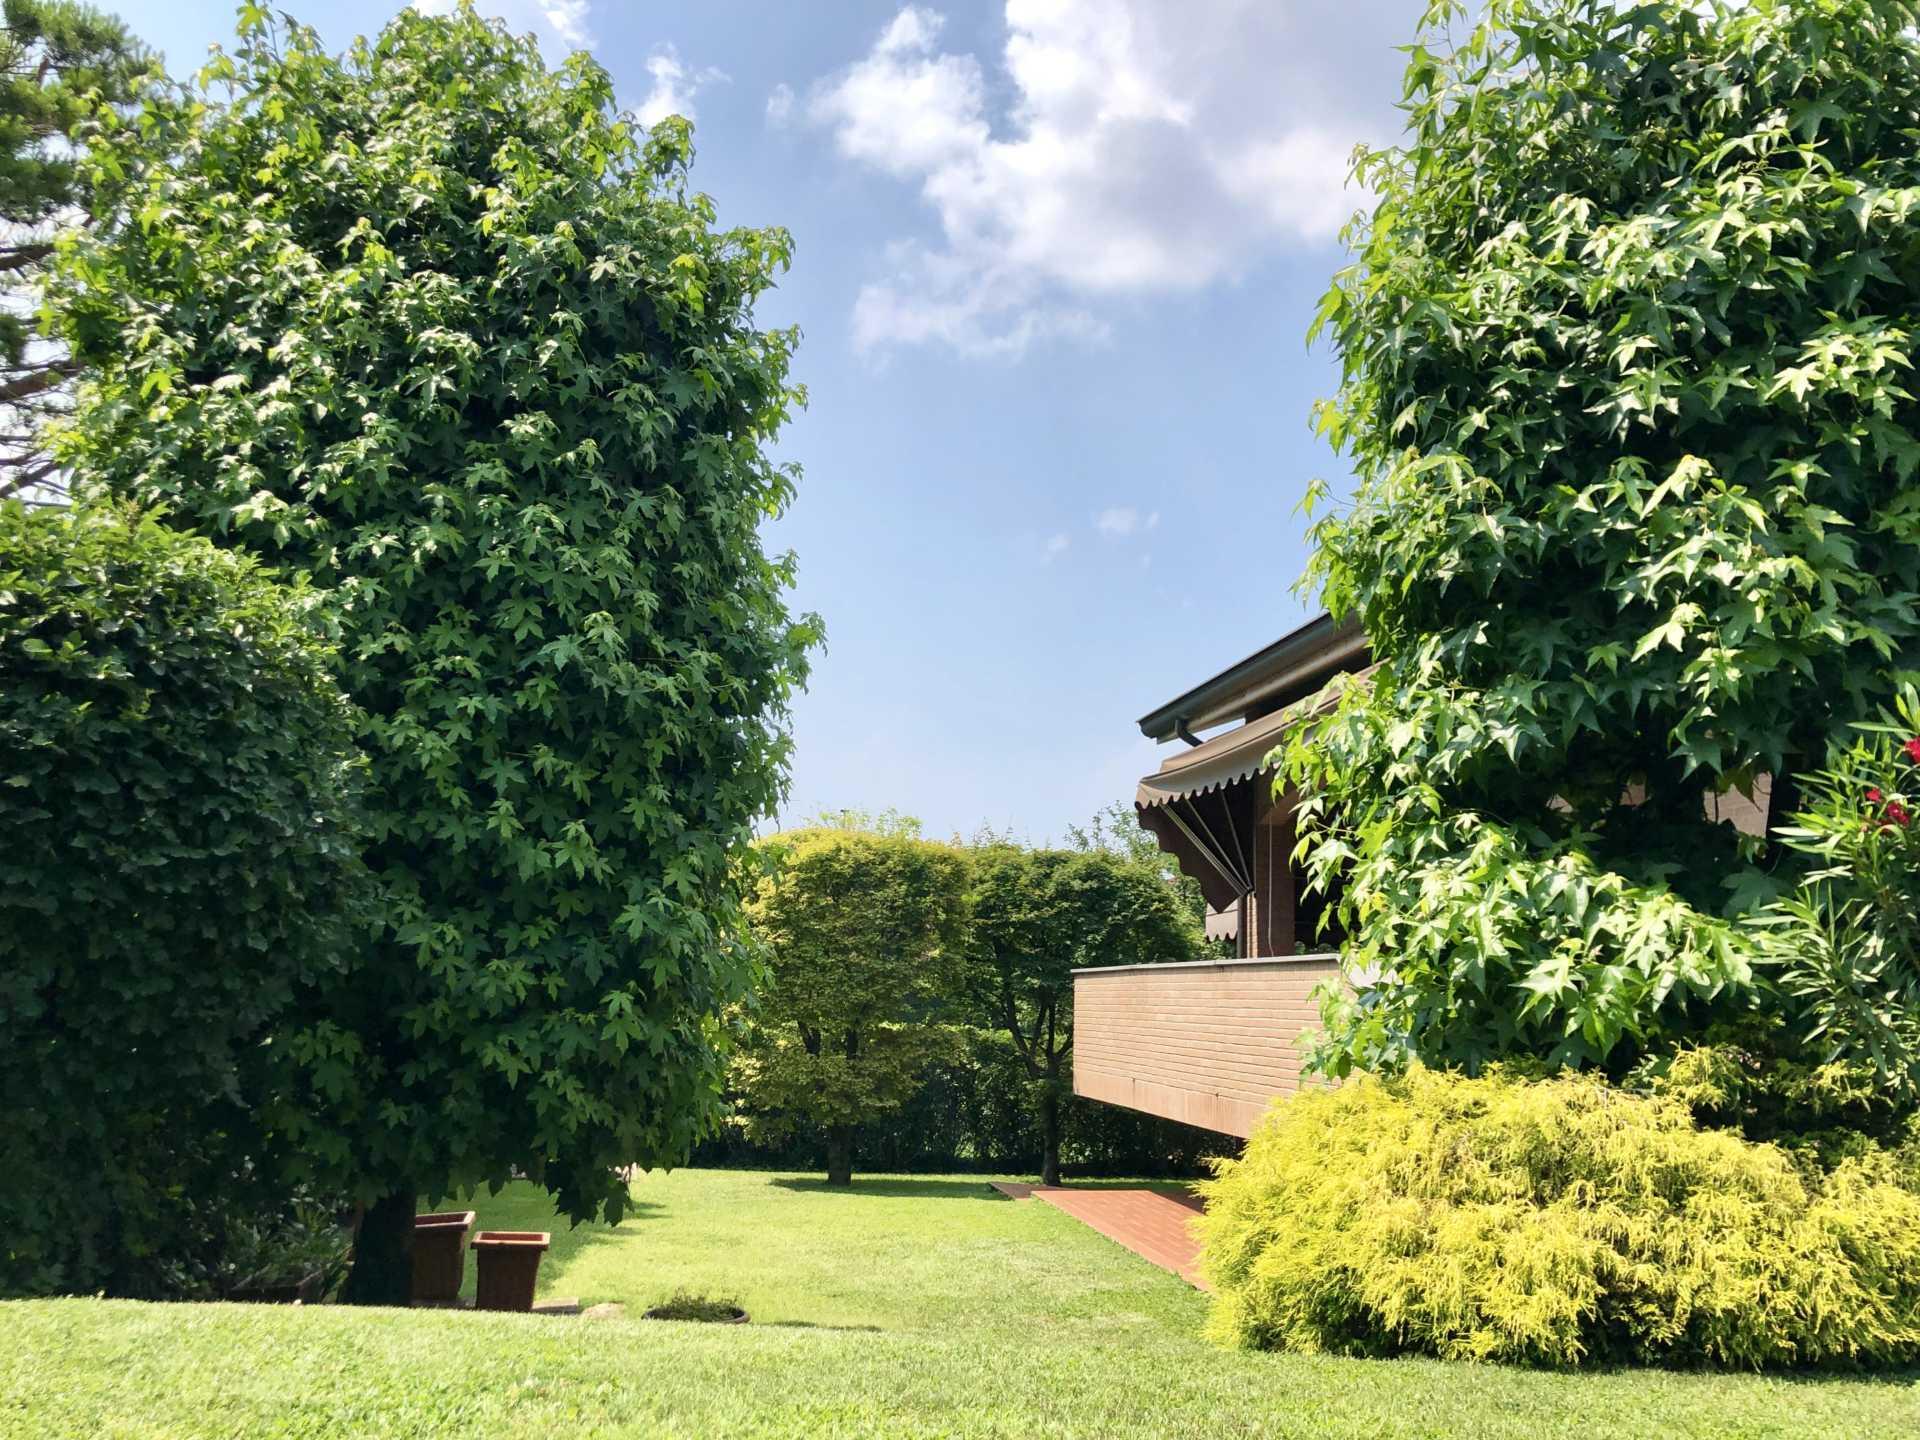 Villa-singola-in vendita-a-Bernareggio (10)